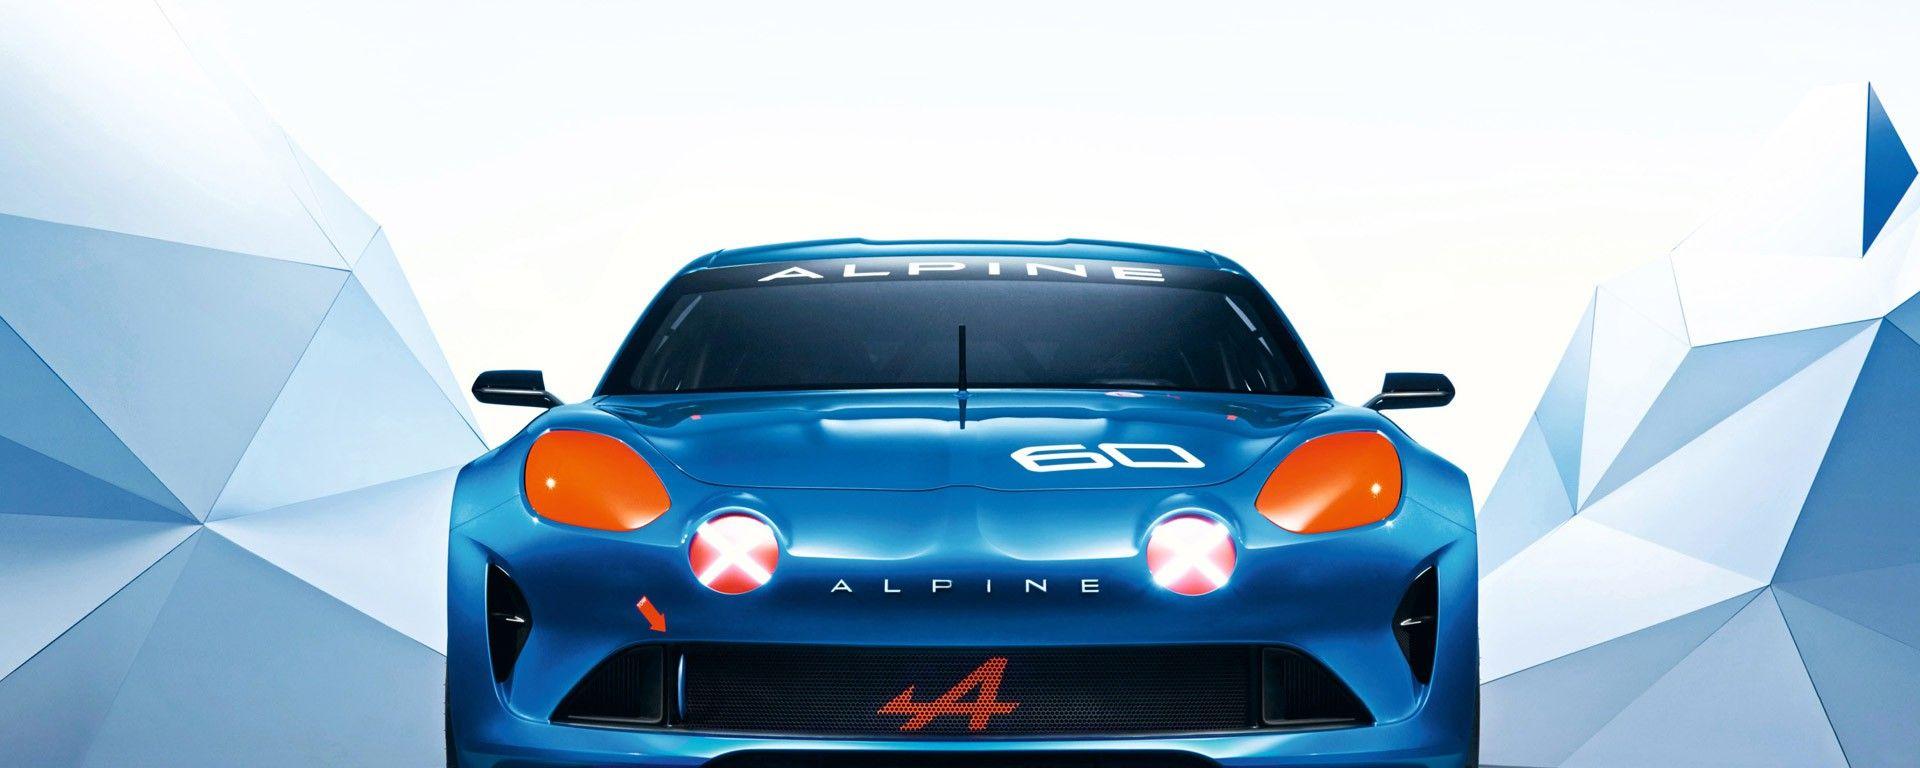 Alpine Célébration Concept